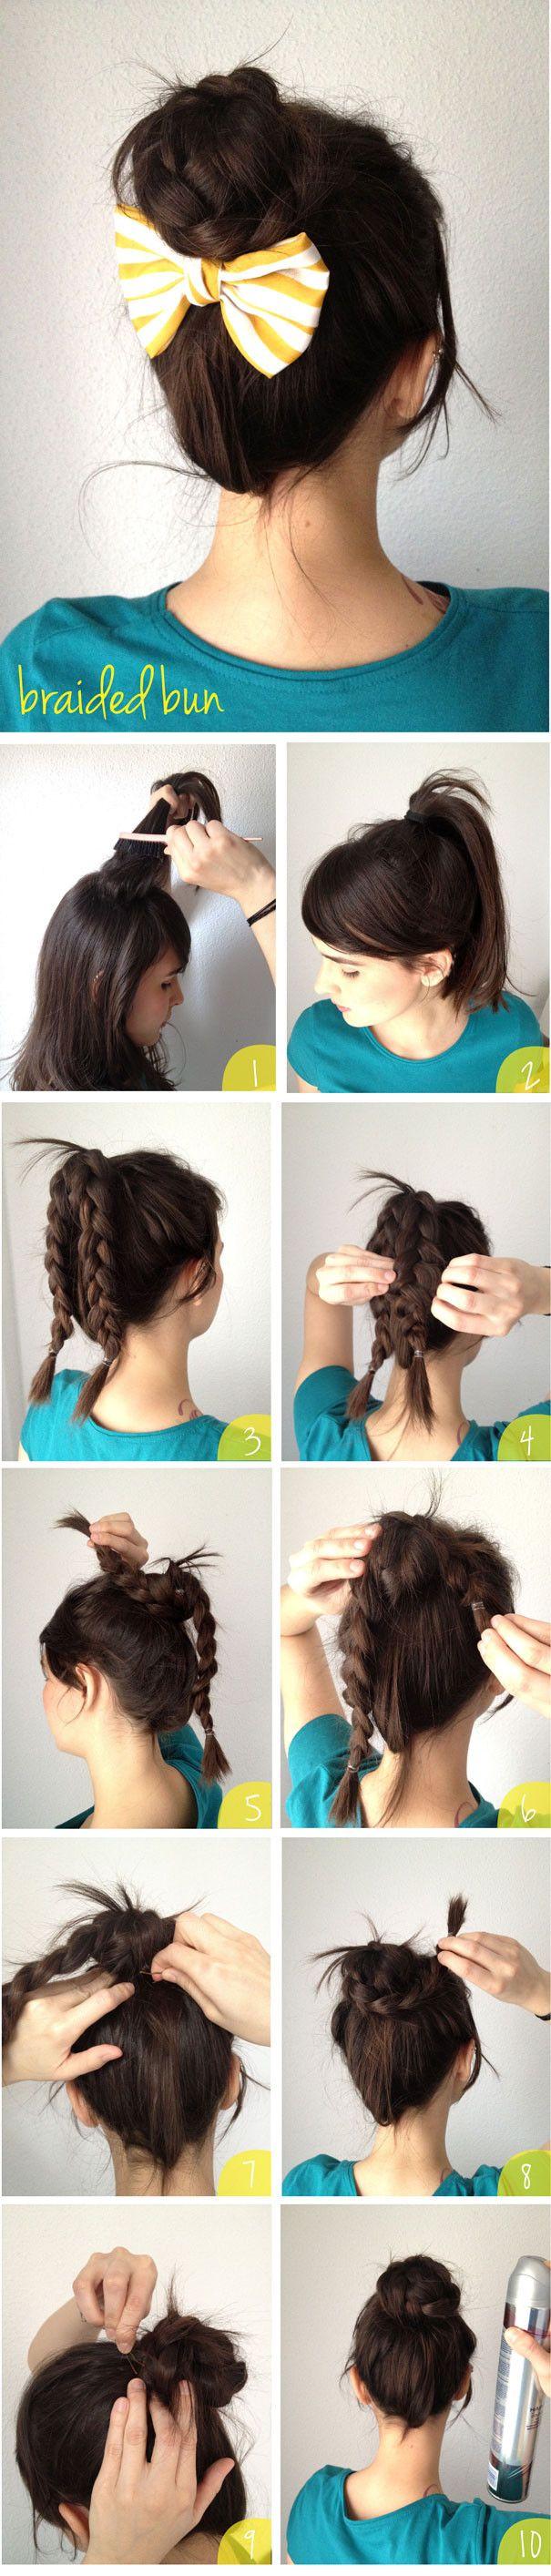 Хитрости для простой укладки волос